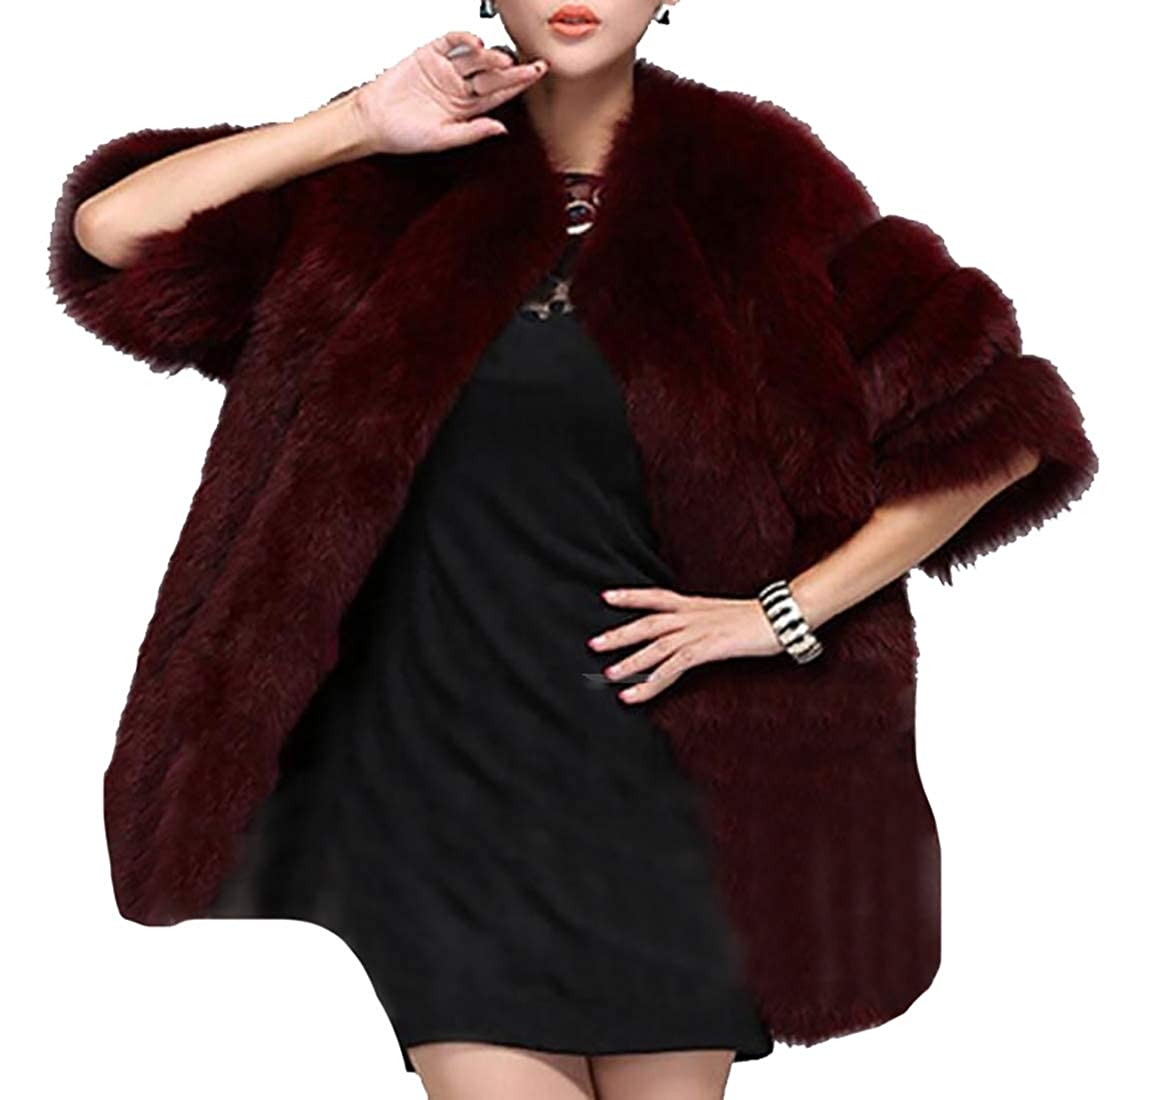 1 jxfd Women Warm Winter Long Sleeve Front Open Short Faux Fur Cardigan Jacket